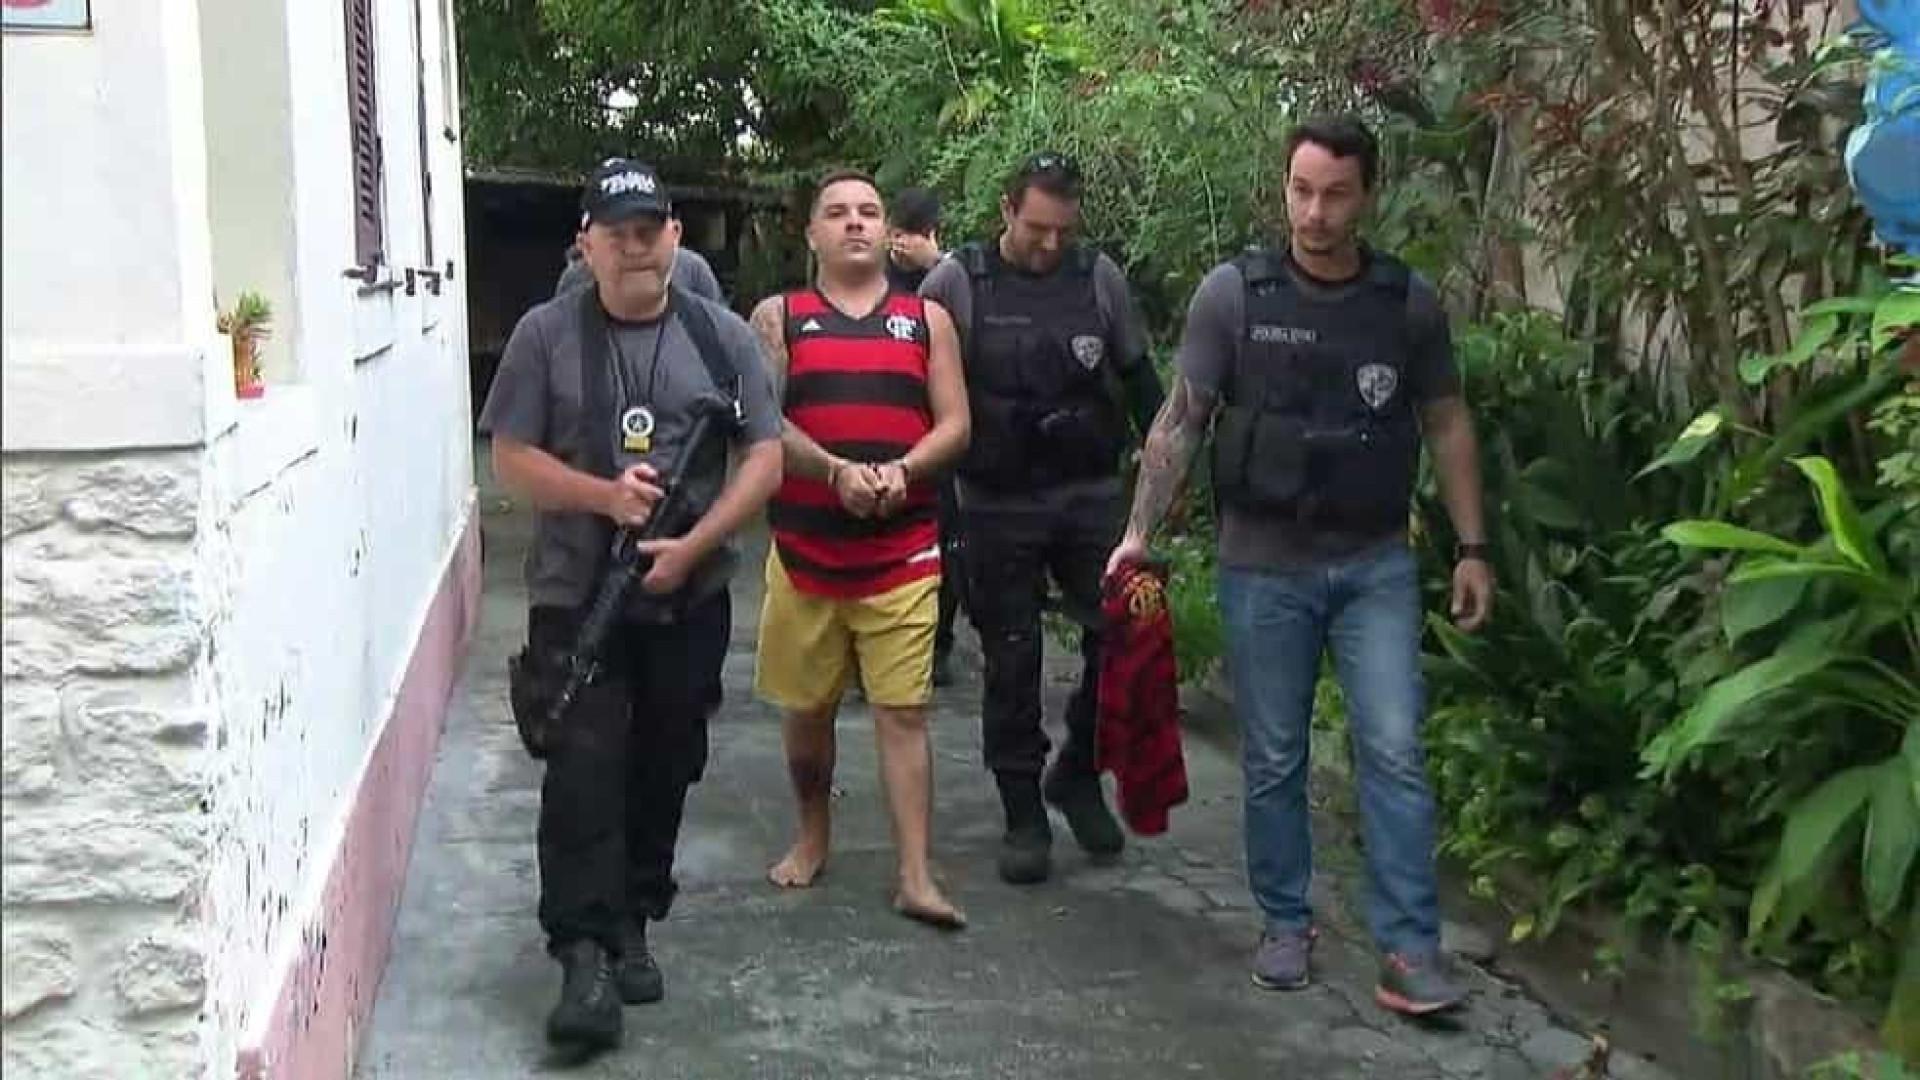 Homem que matou torcedor com espeto é condenado a 26 anos de prisão